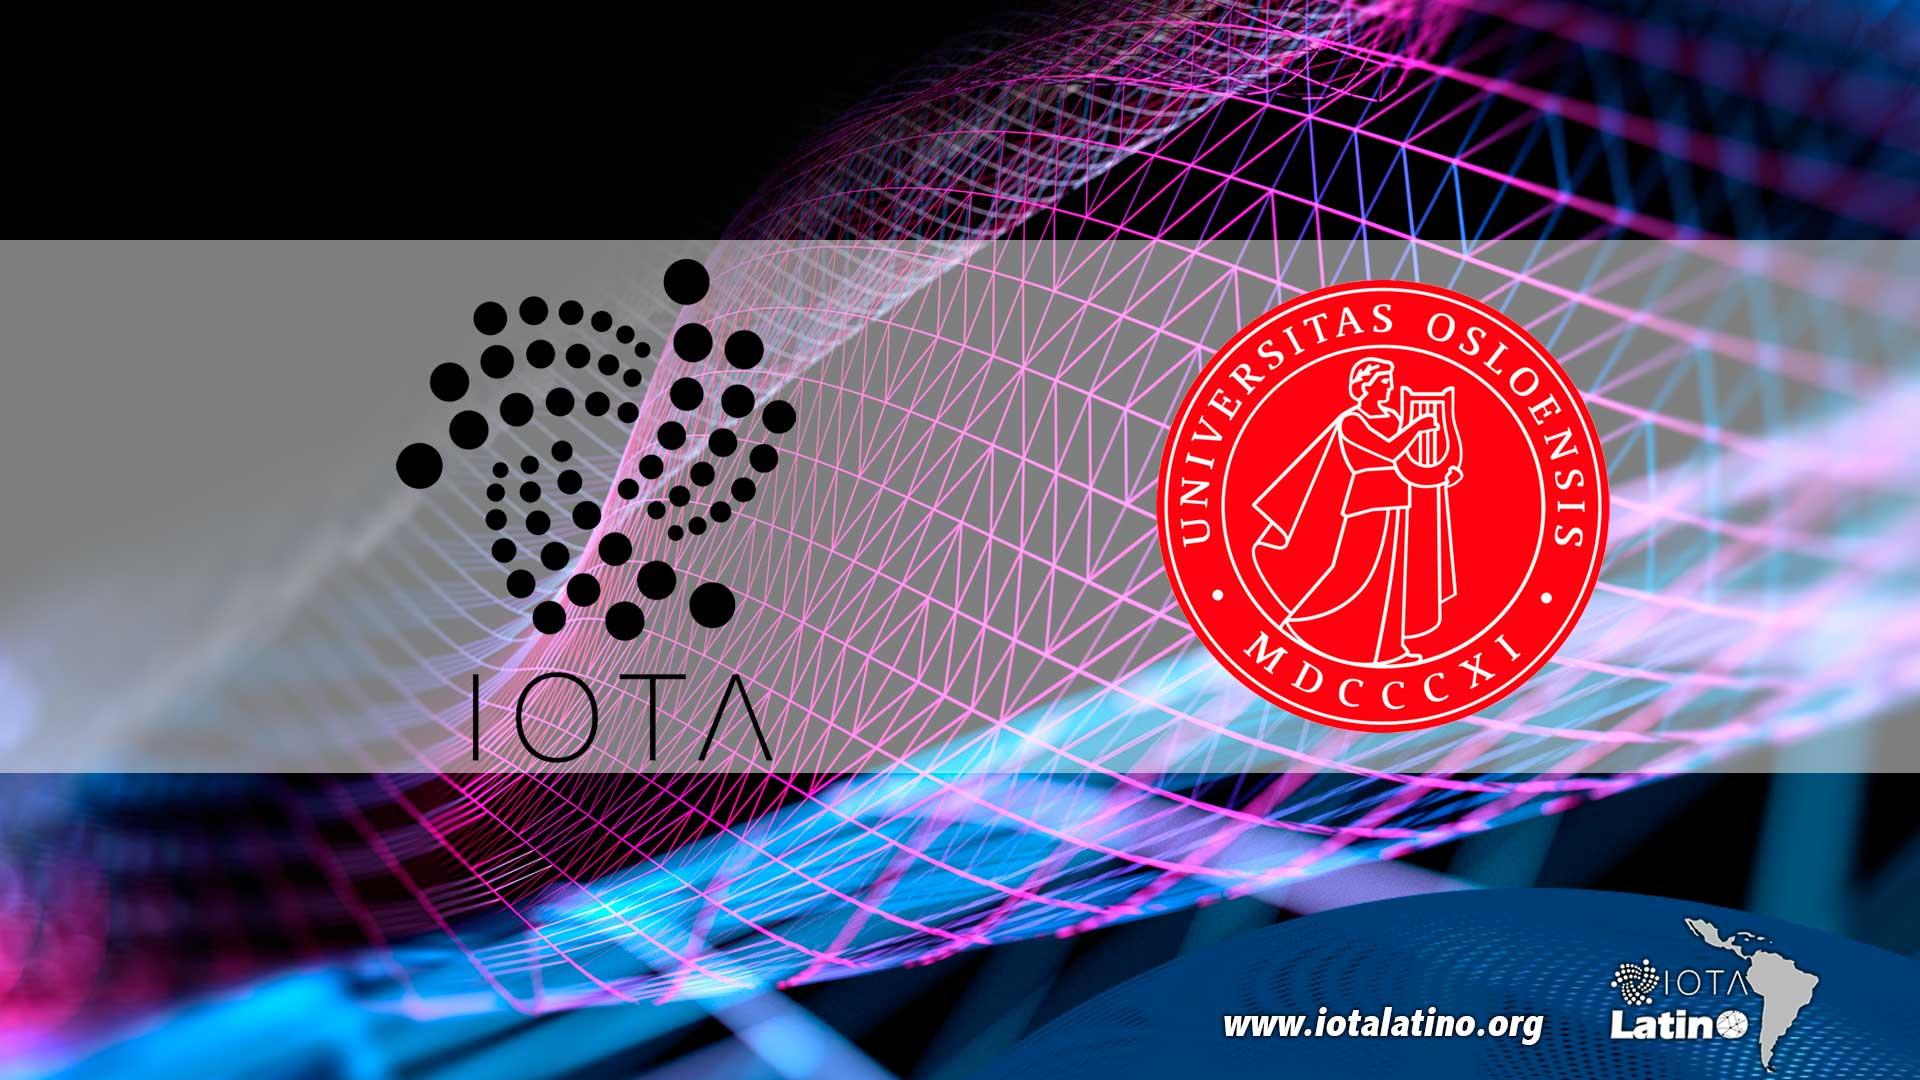 Laboratorio que usa al tiempo IOTA - IOTA Latino